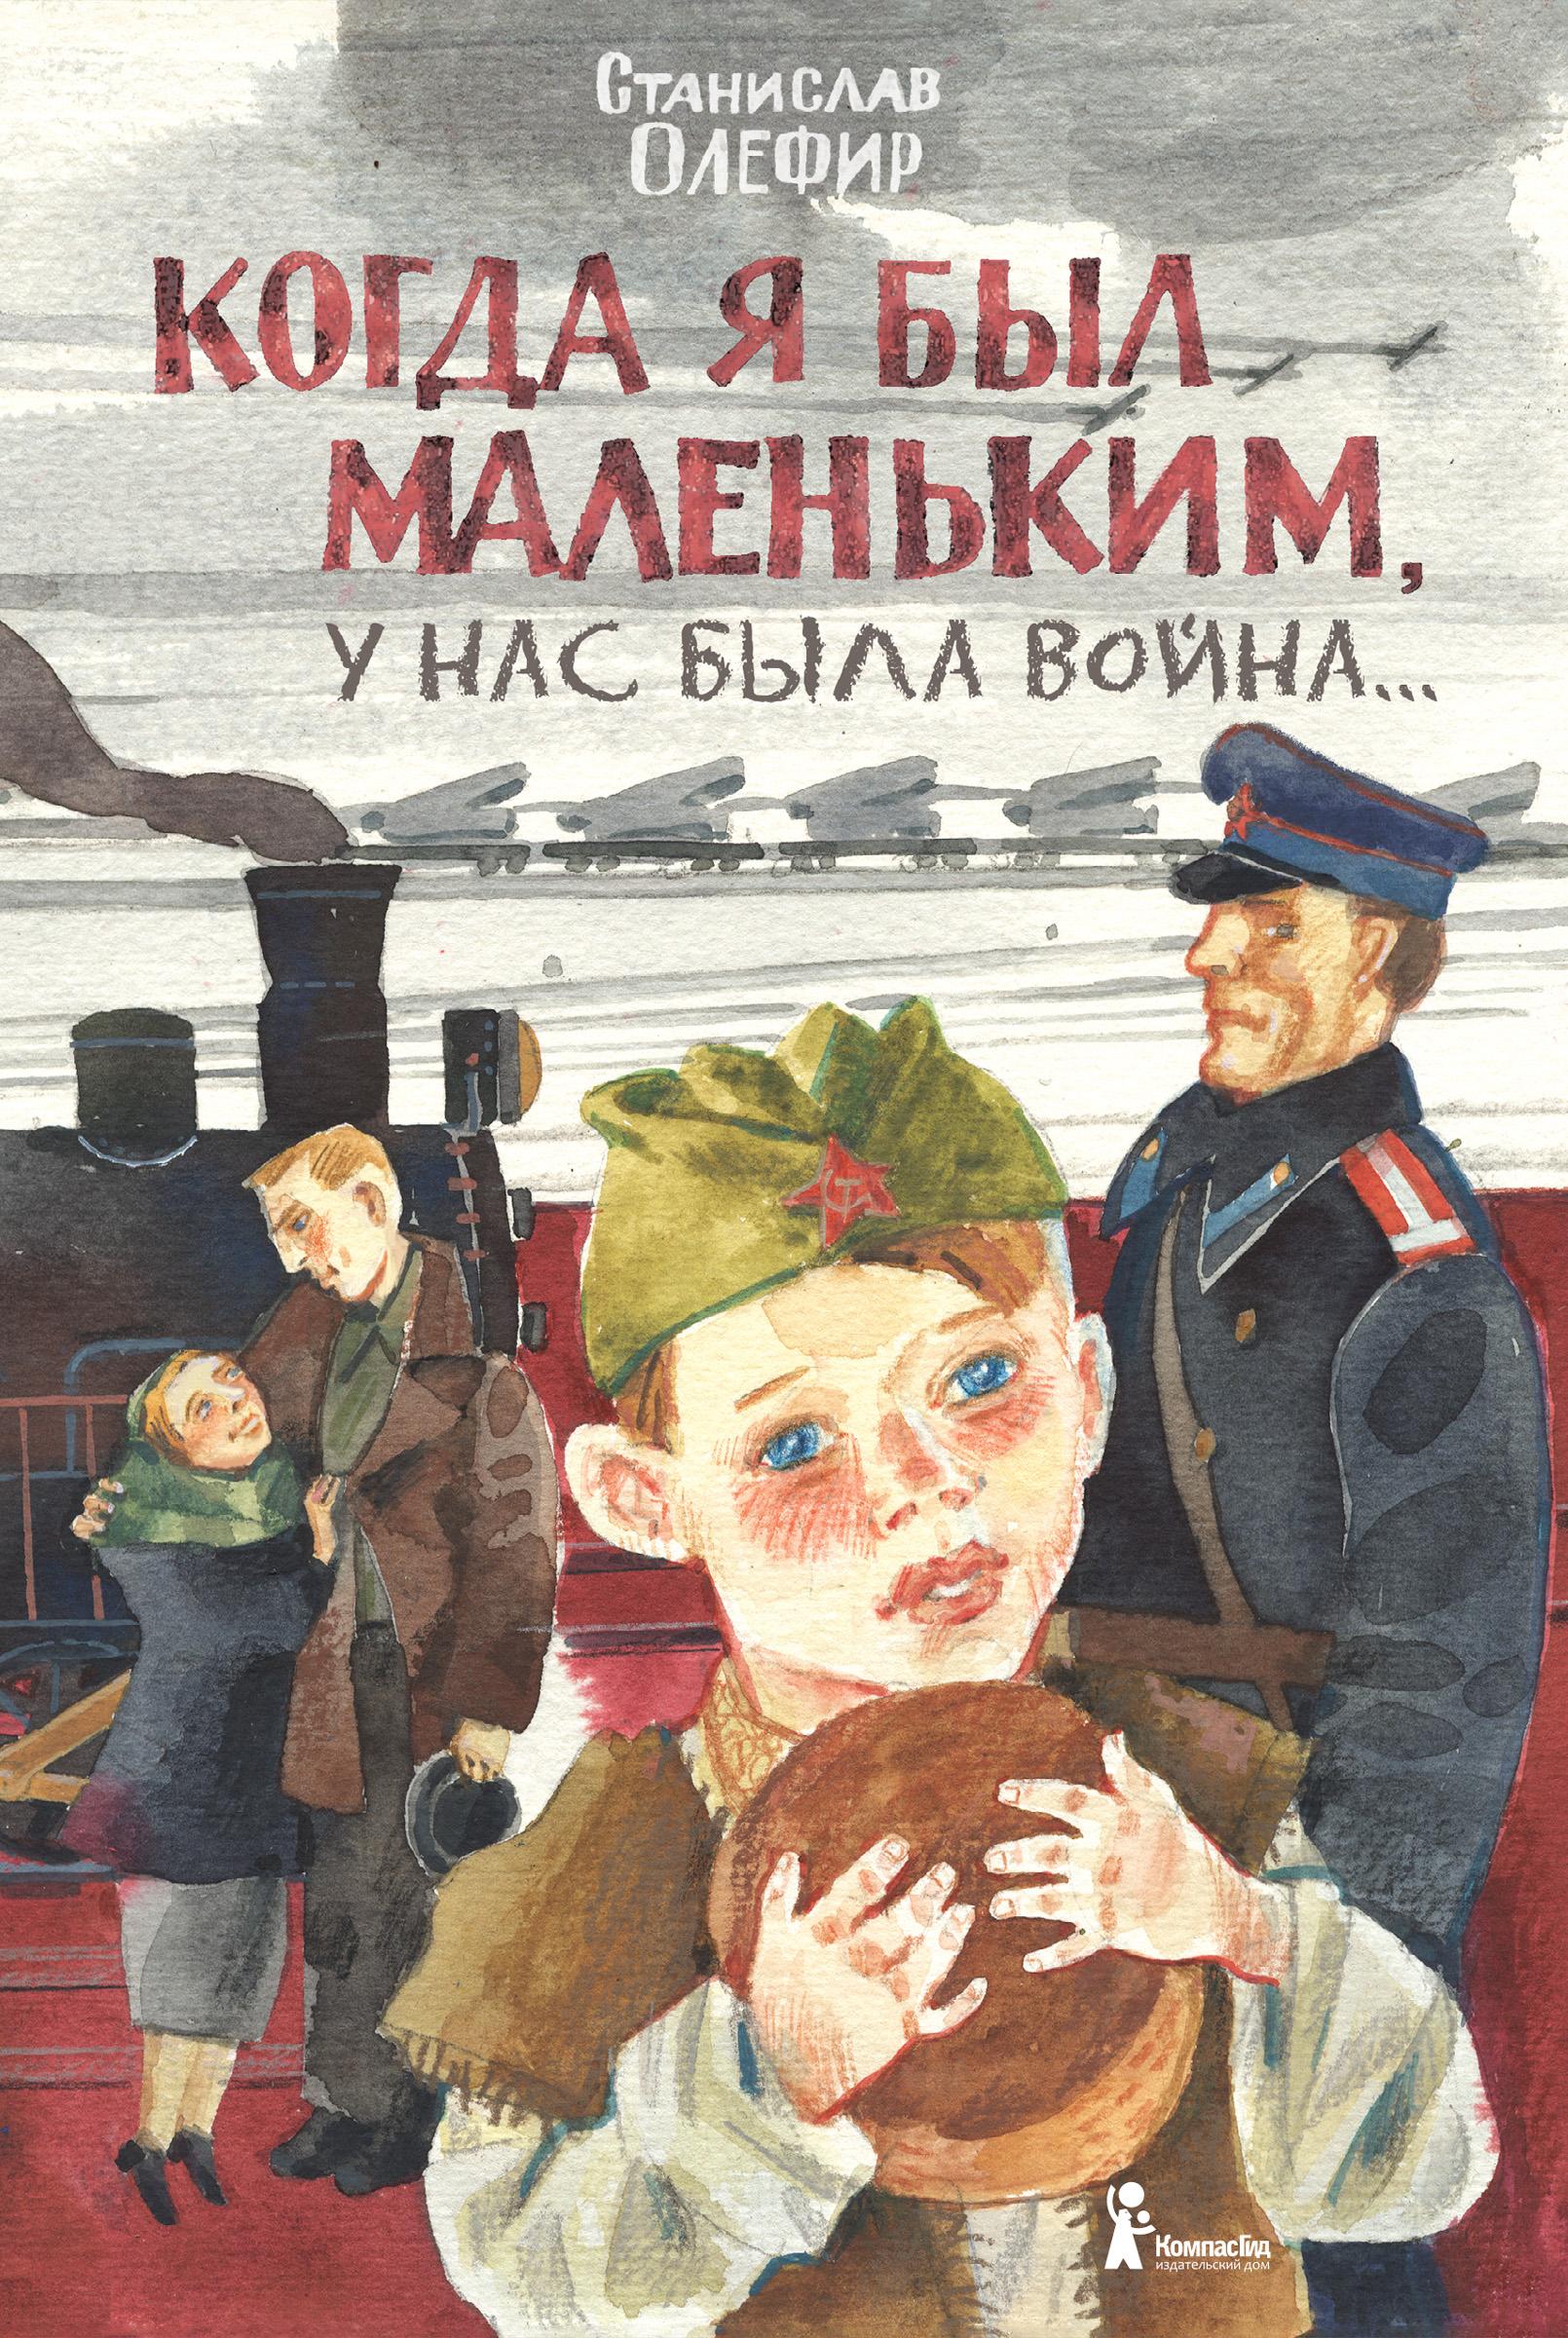 Когда я был маленьким, у нас была война… (сборник)